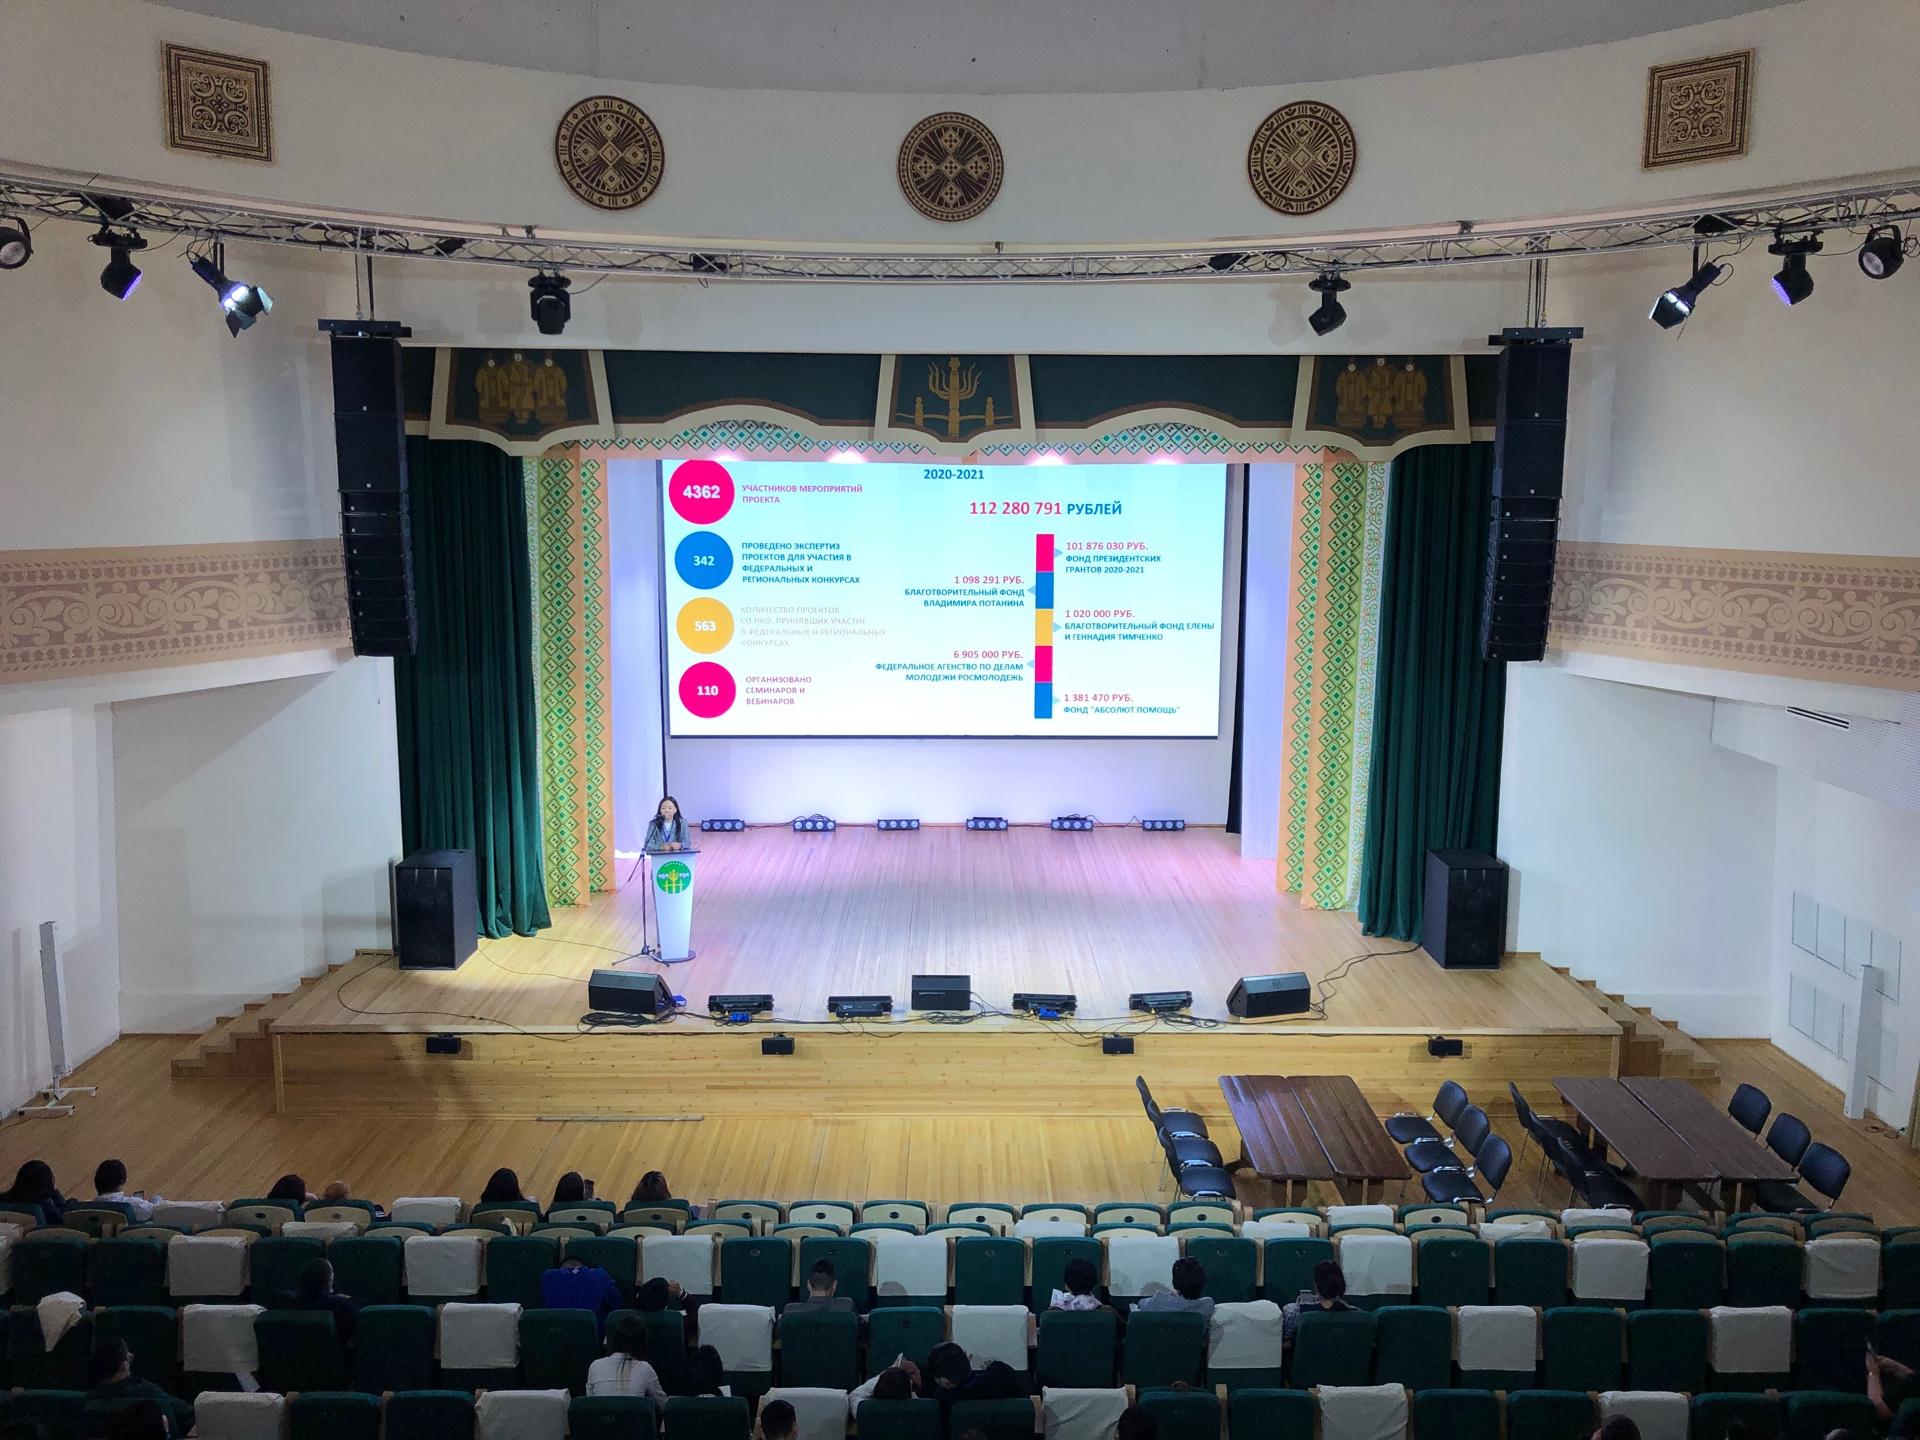 Сунтаарга Өрөспүүбүлүкэтээҕи «Сайдыы» общественнай хамсааһын форума тэрилиннэ